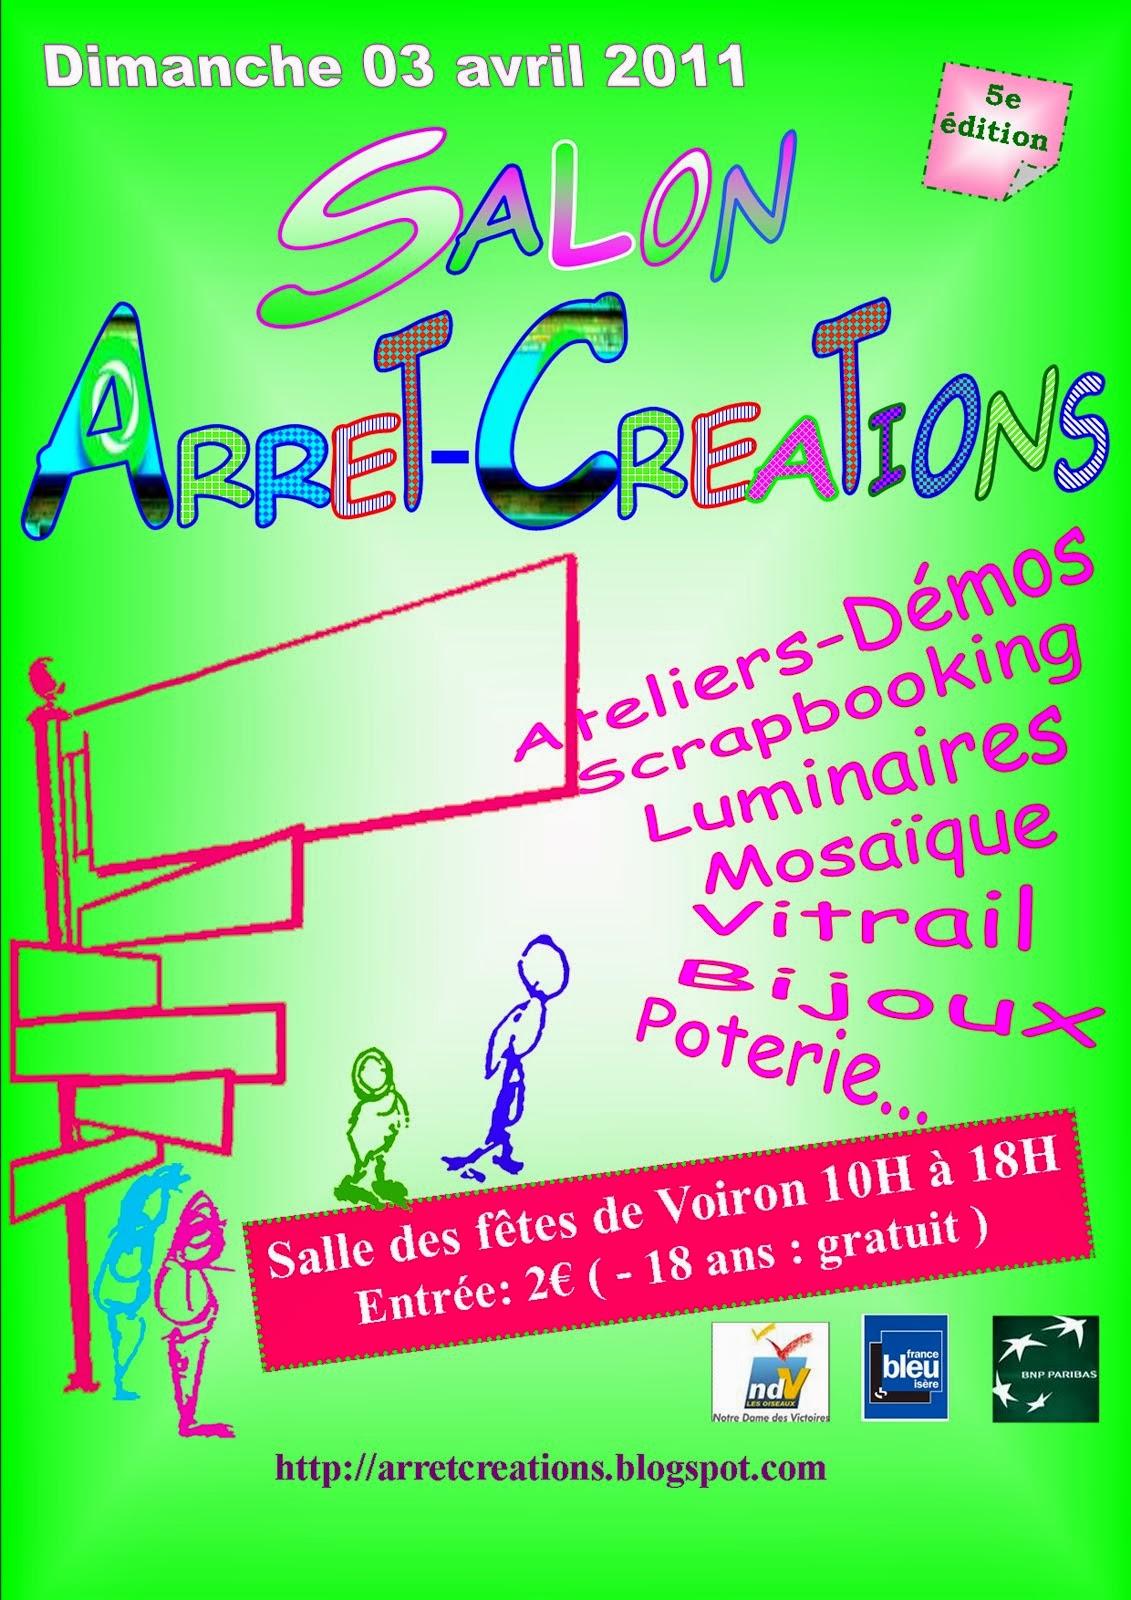 Affiche du salon 2011